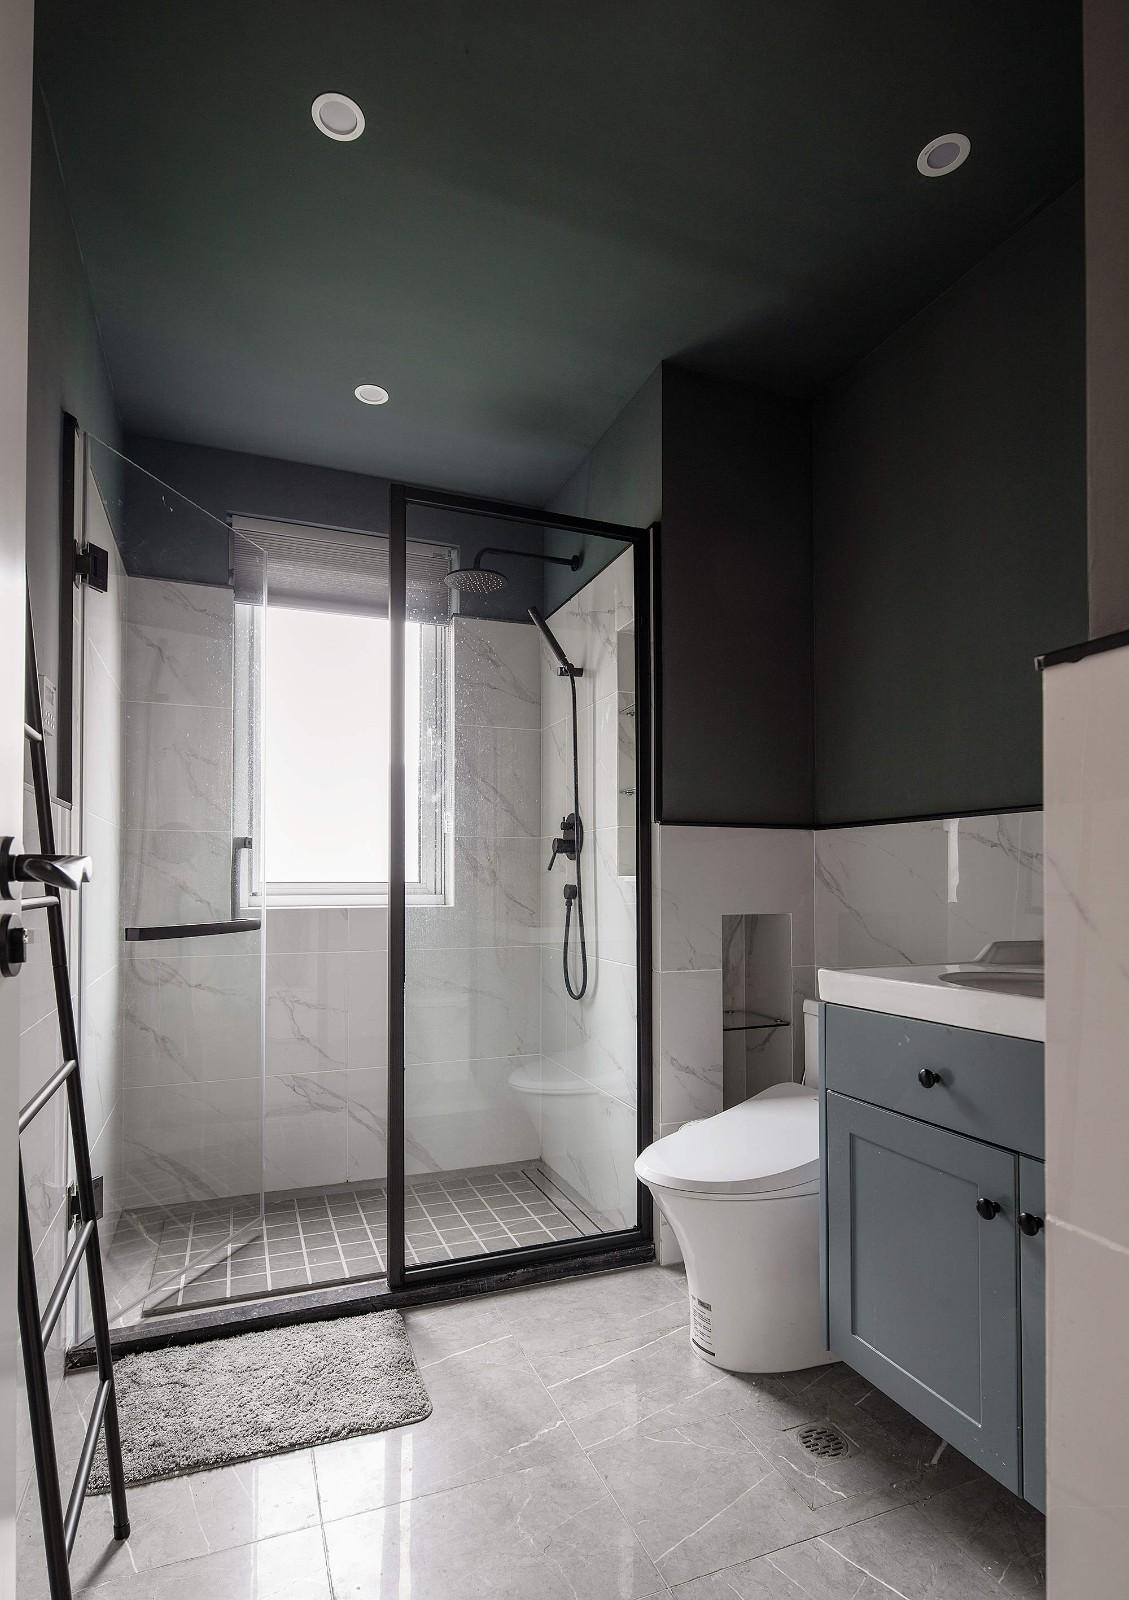 次卧用色比较清爽,浅色设计增强视觉效果,干湿分离保证了空间的整洁,时尚又有品位。